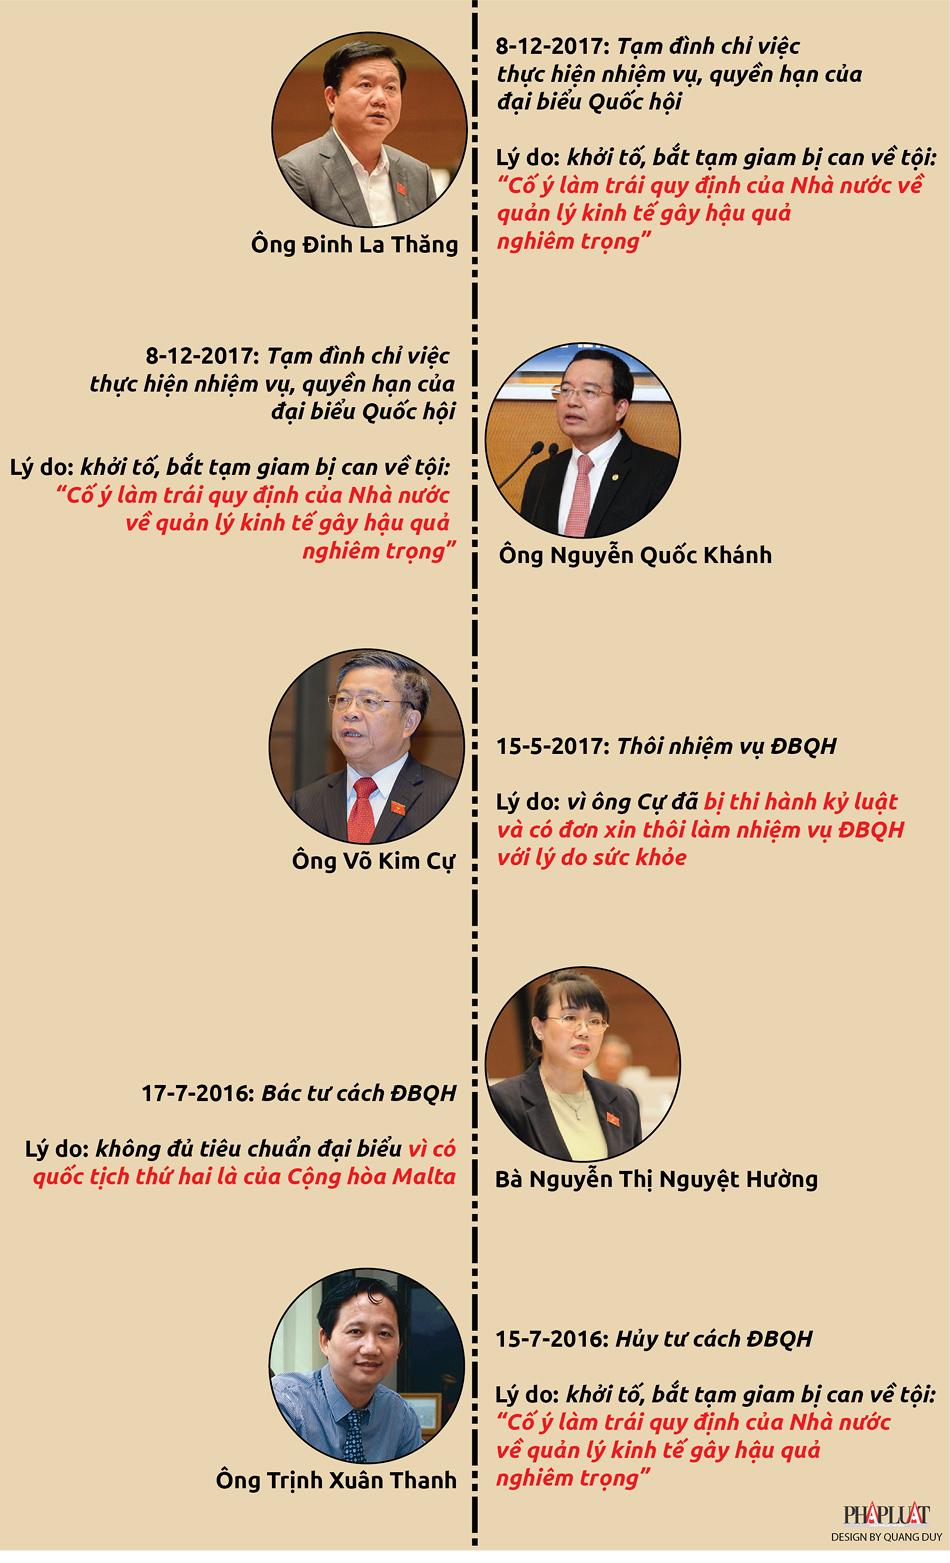 Infographic: 5 ĐBQH khóa XIV 'rơi rụng' do dính sai phạm